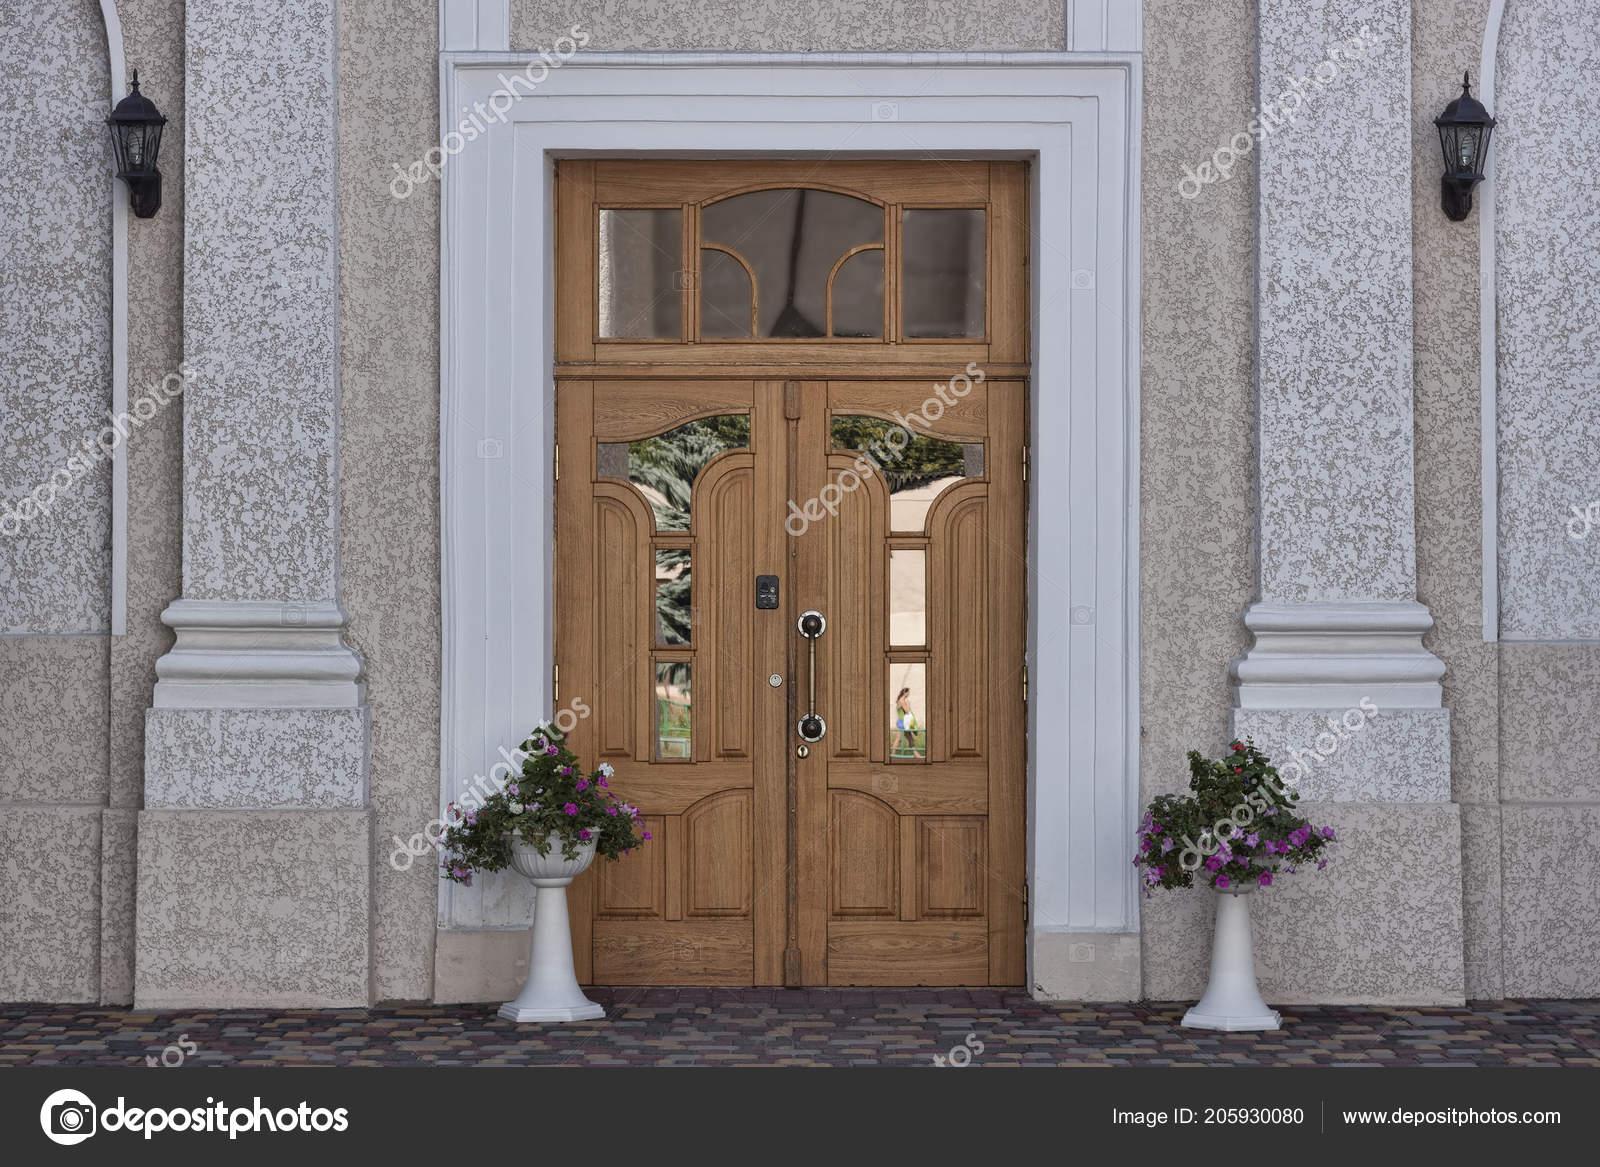 Grote Spiegel Hout : Grote deur gemaakt van hout met spiegel inzetstukken u stockfoto